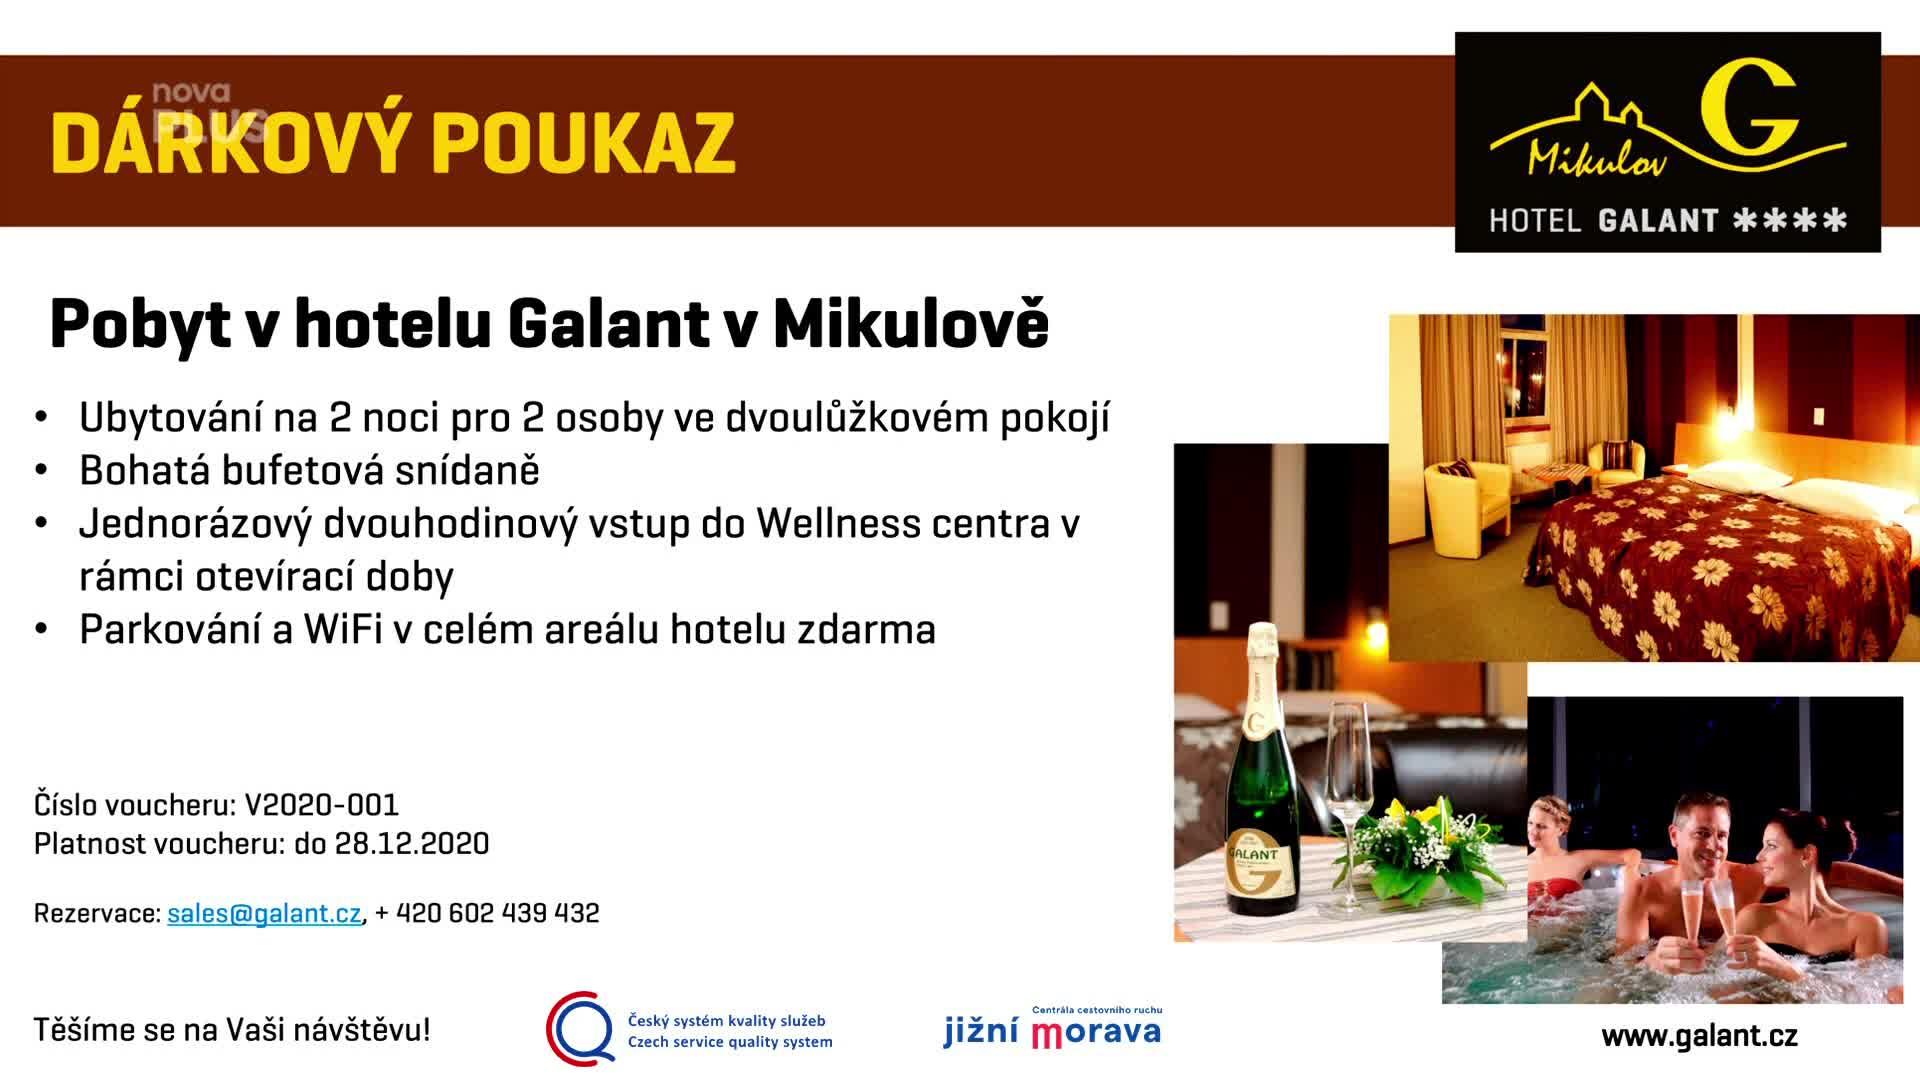 Vyhrajte romantický pobyt pro 2 osoby na dvě noci v Hotelu Galant v Mikulově!